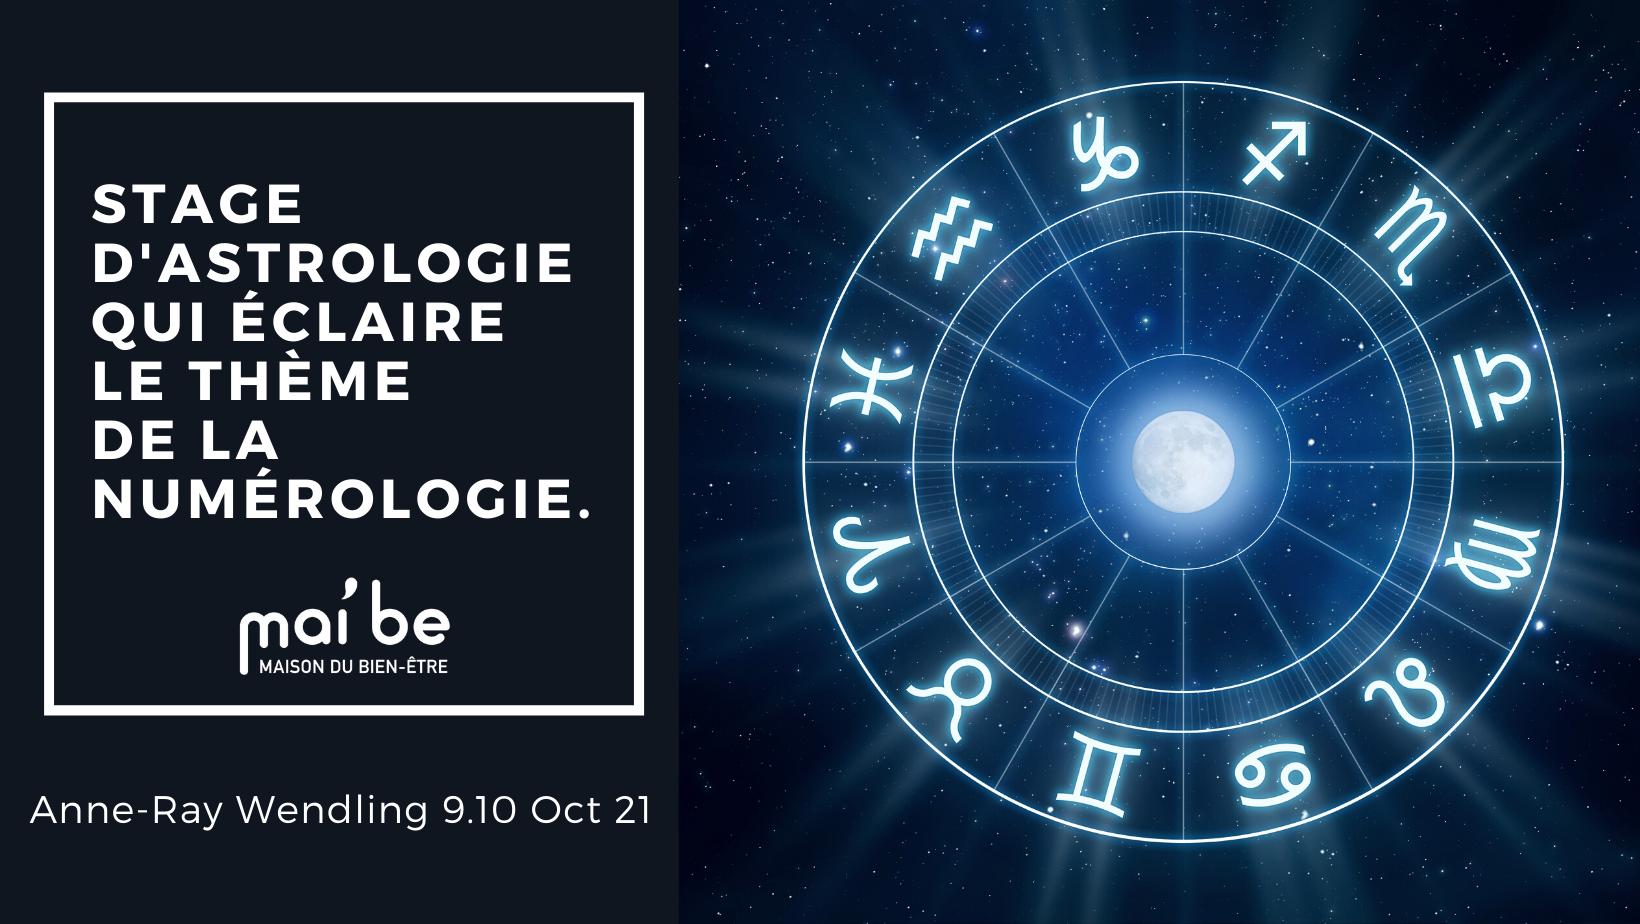 Stage d'astrologie Le samedi 9 Octobre de 14 h 30 à 17 h et le dimanche 10 Octobre de 10 h à 17 h :